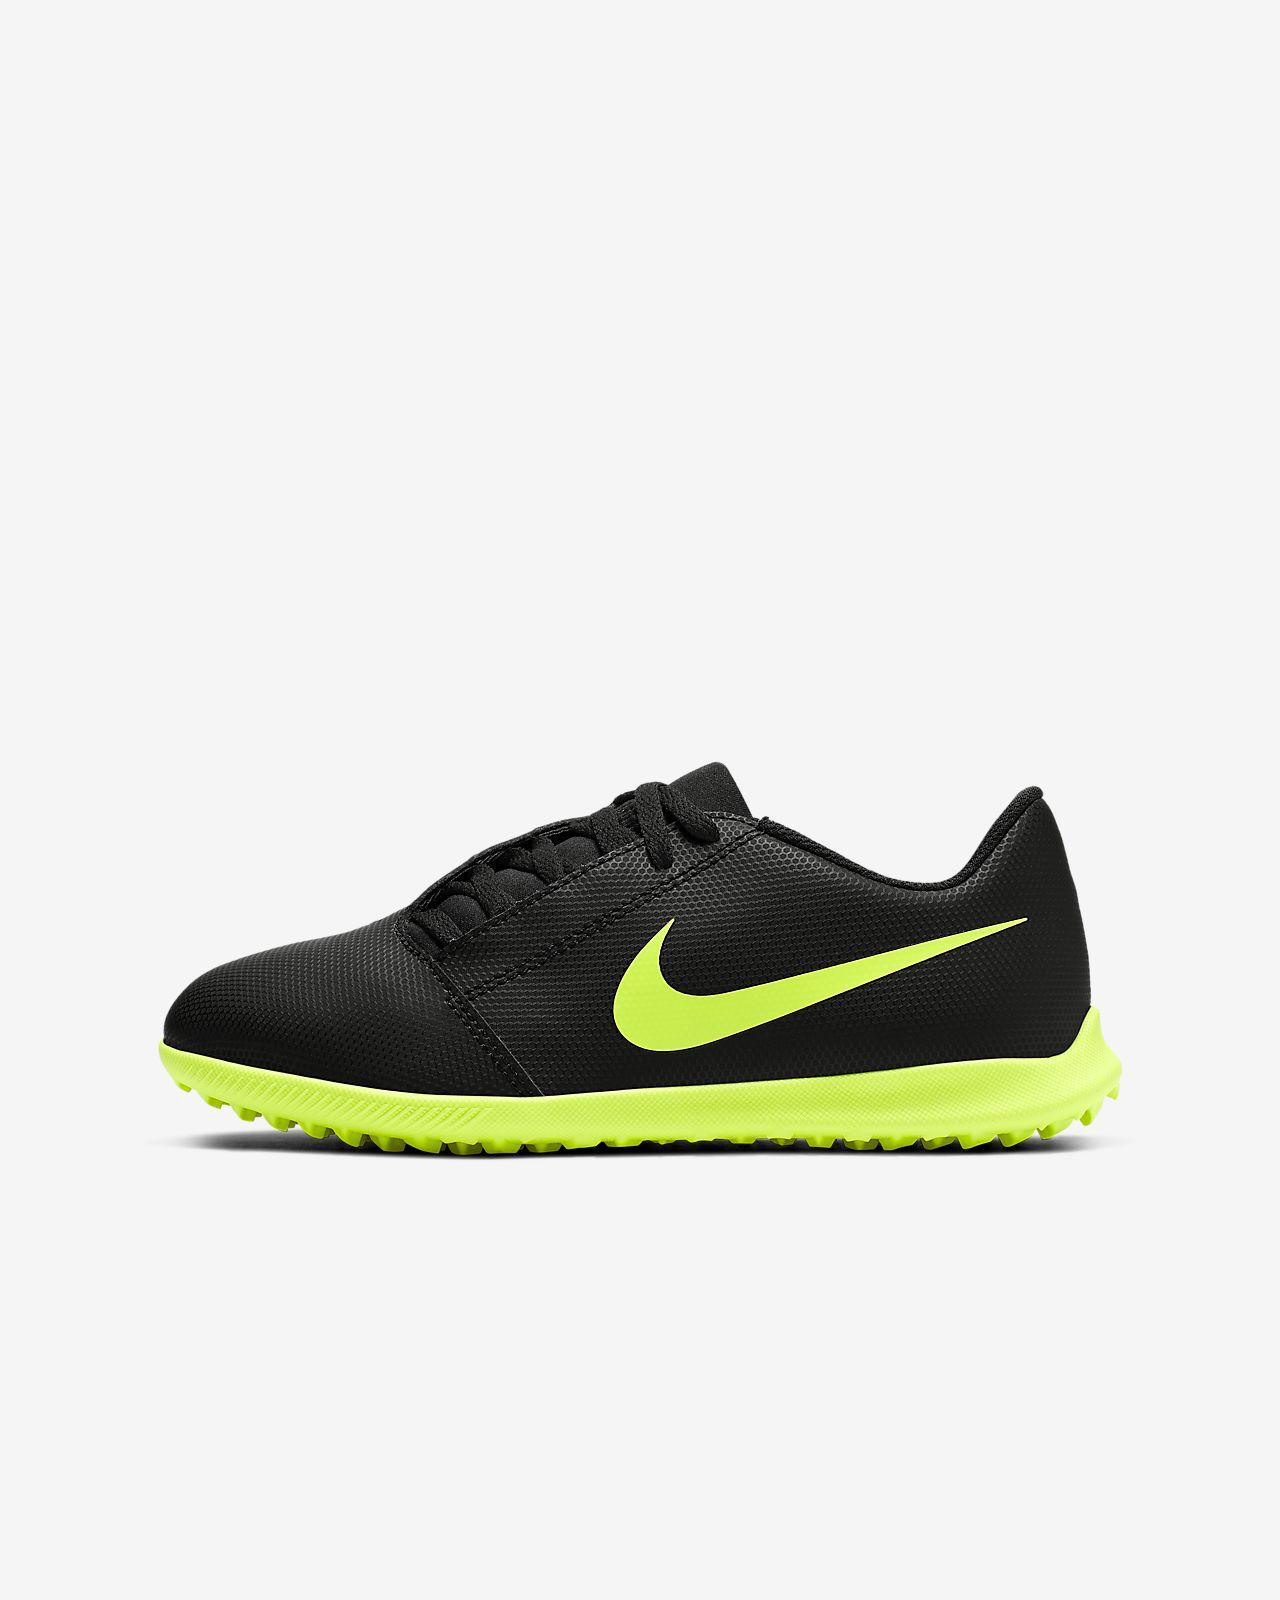 Fotbollssko för grus/turf Nike Jr. Phantom Venom Club TF för barn/ungdom